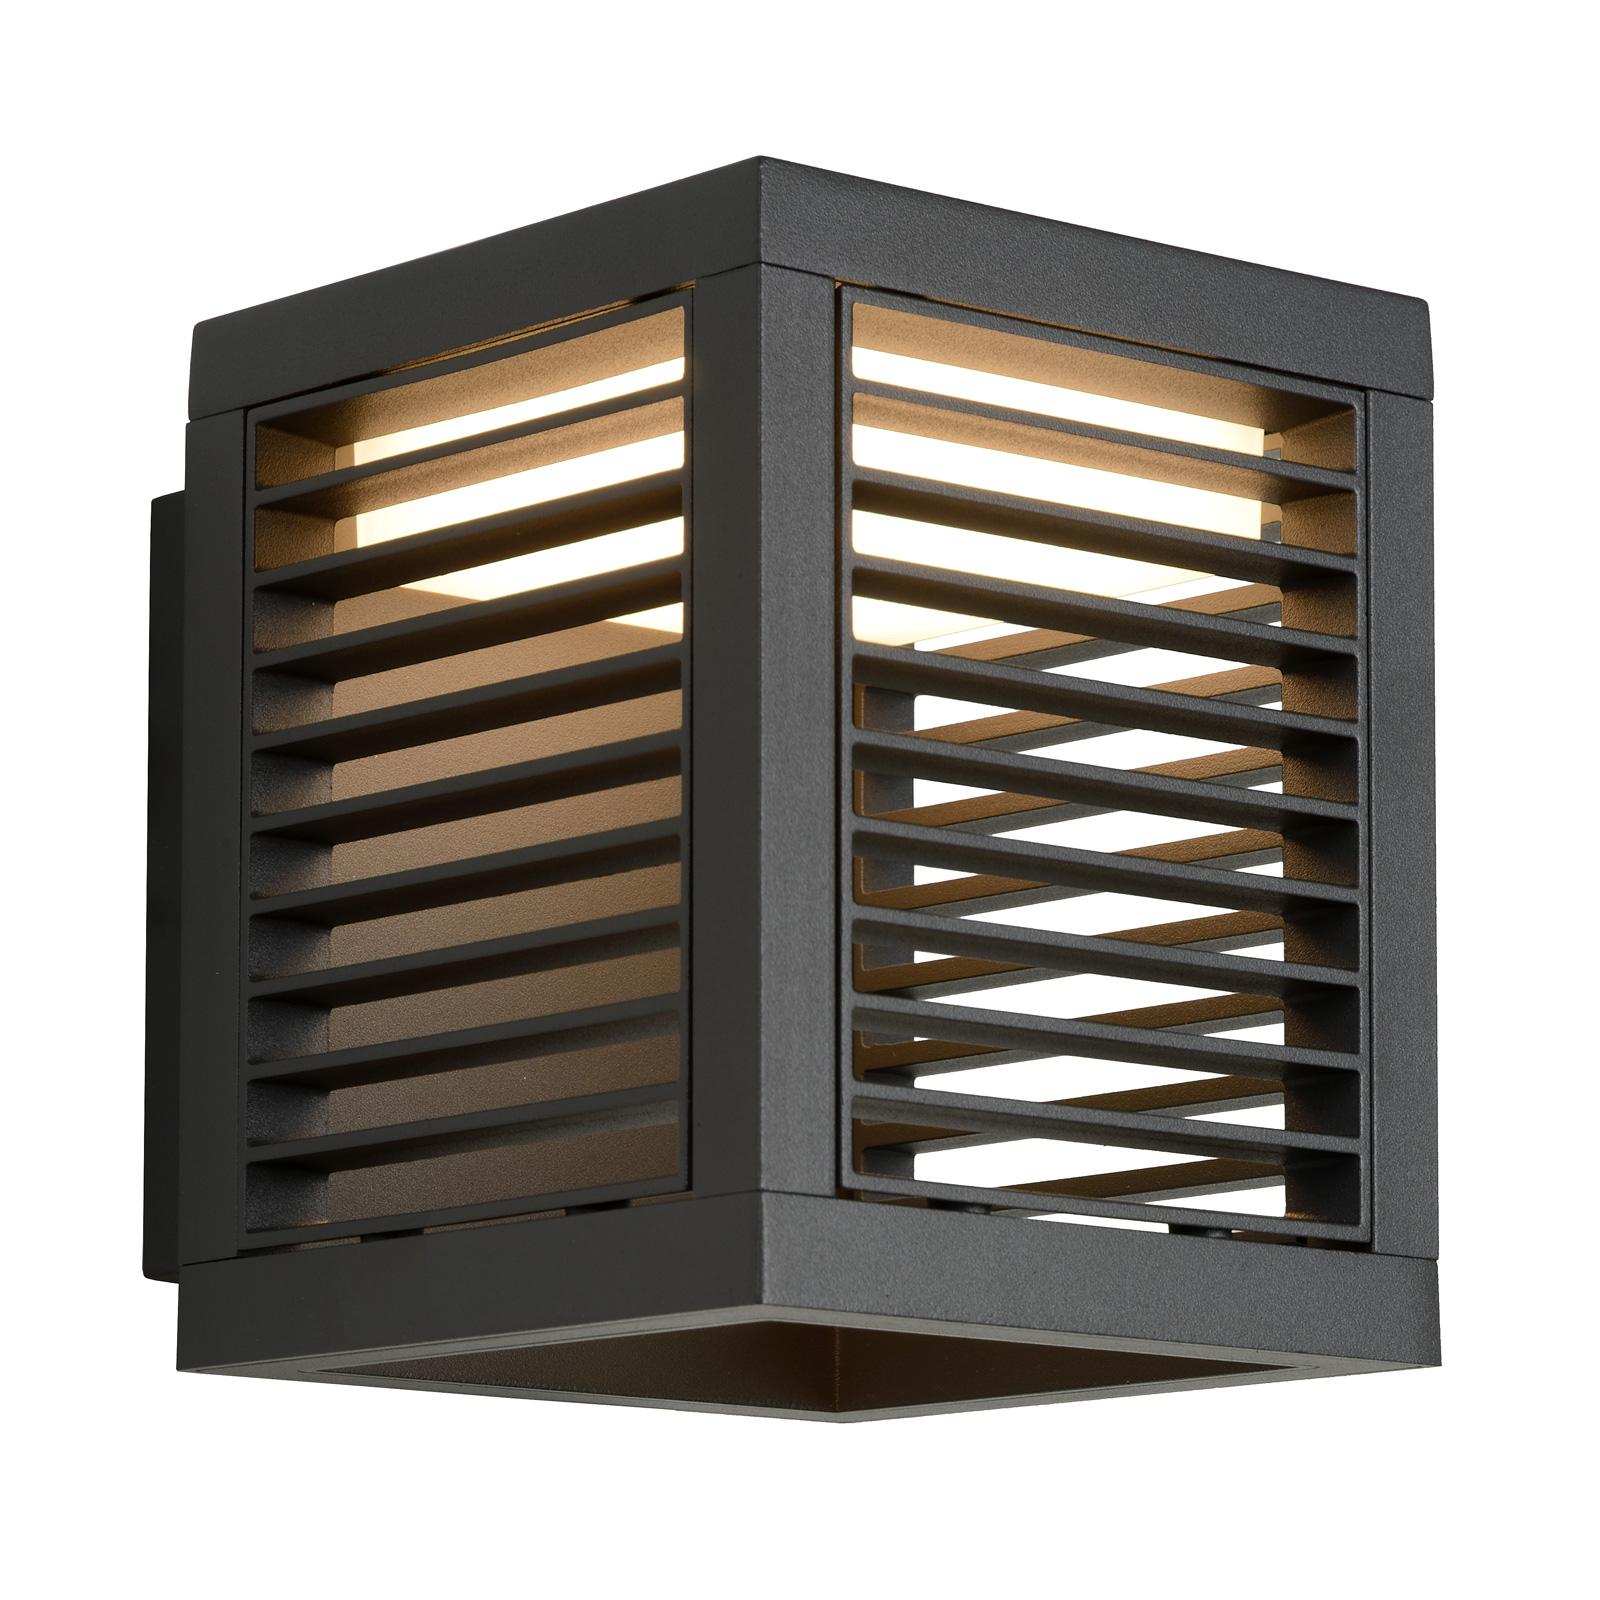 LED-Wandleuchte außen Slits IP54 anthrazit